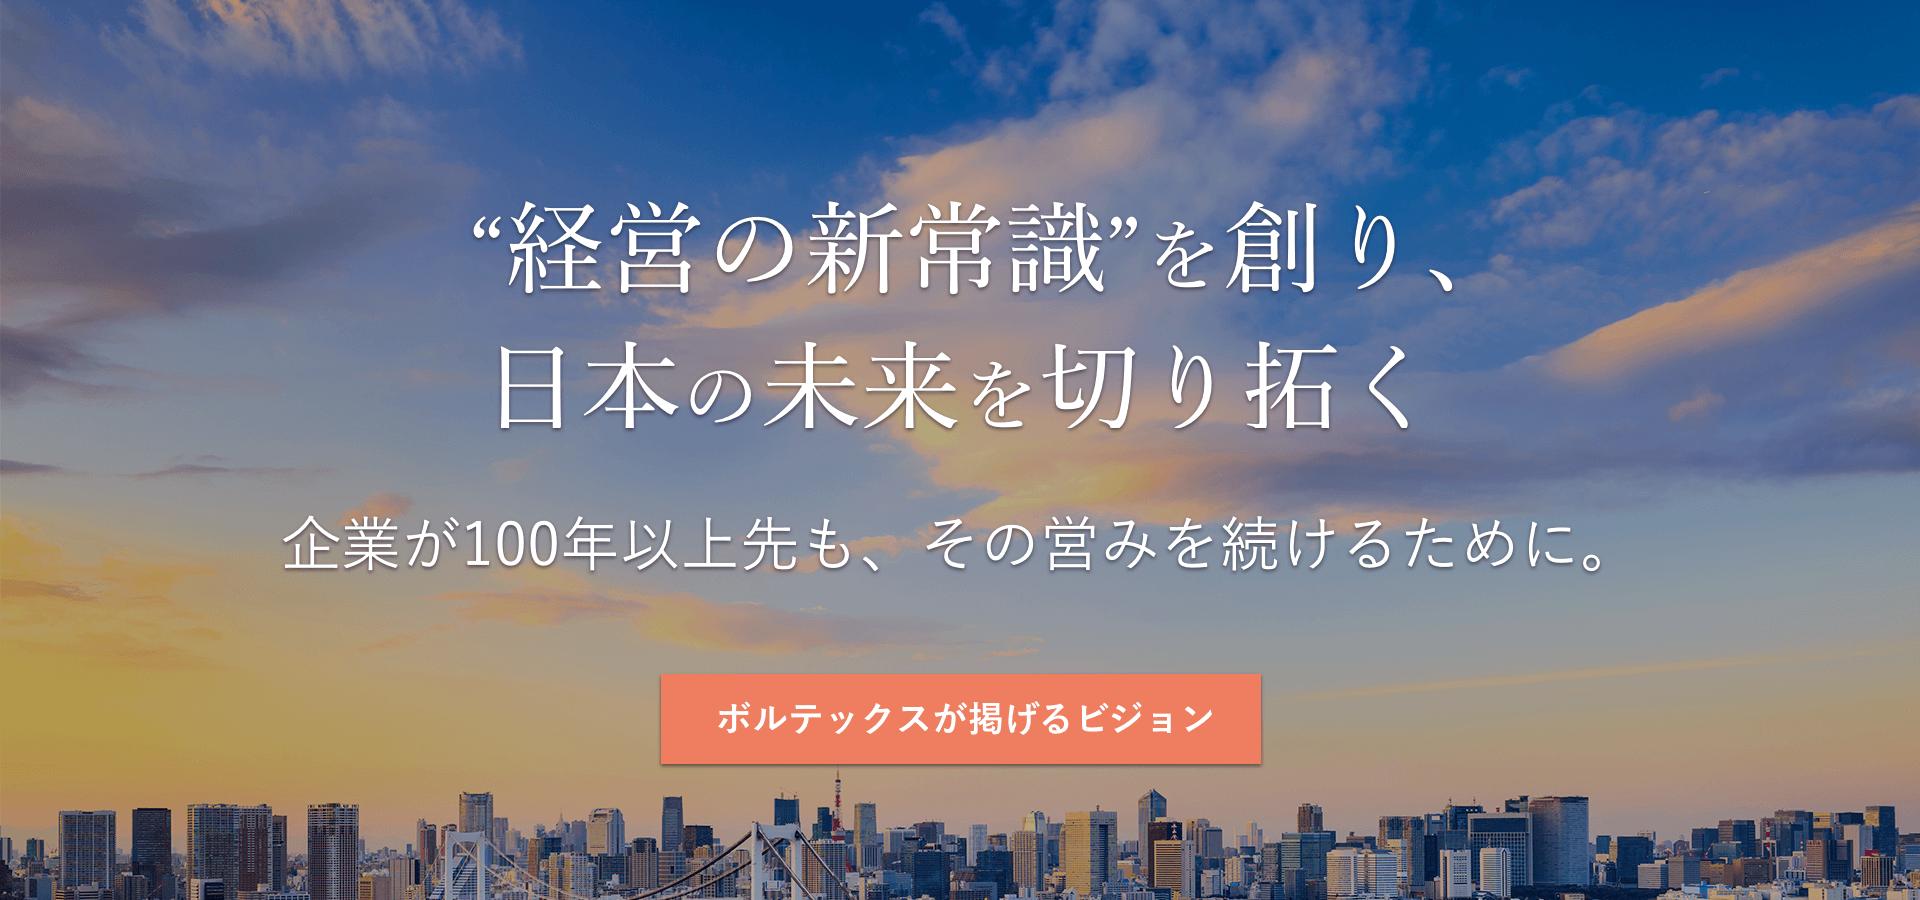 経営の新常識を創り、日本の未来を切り拓く